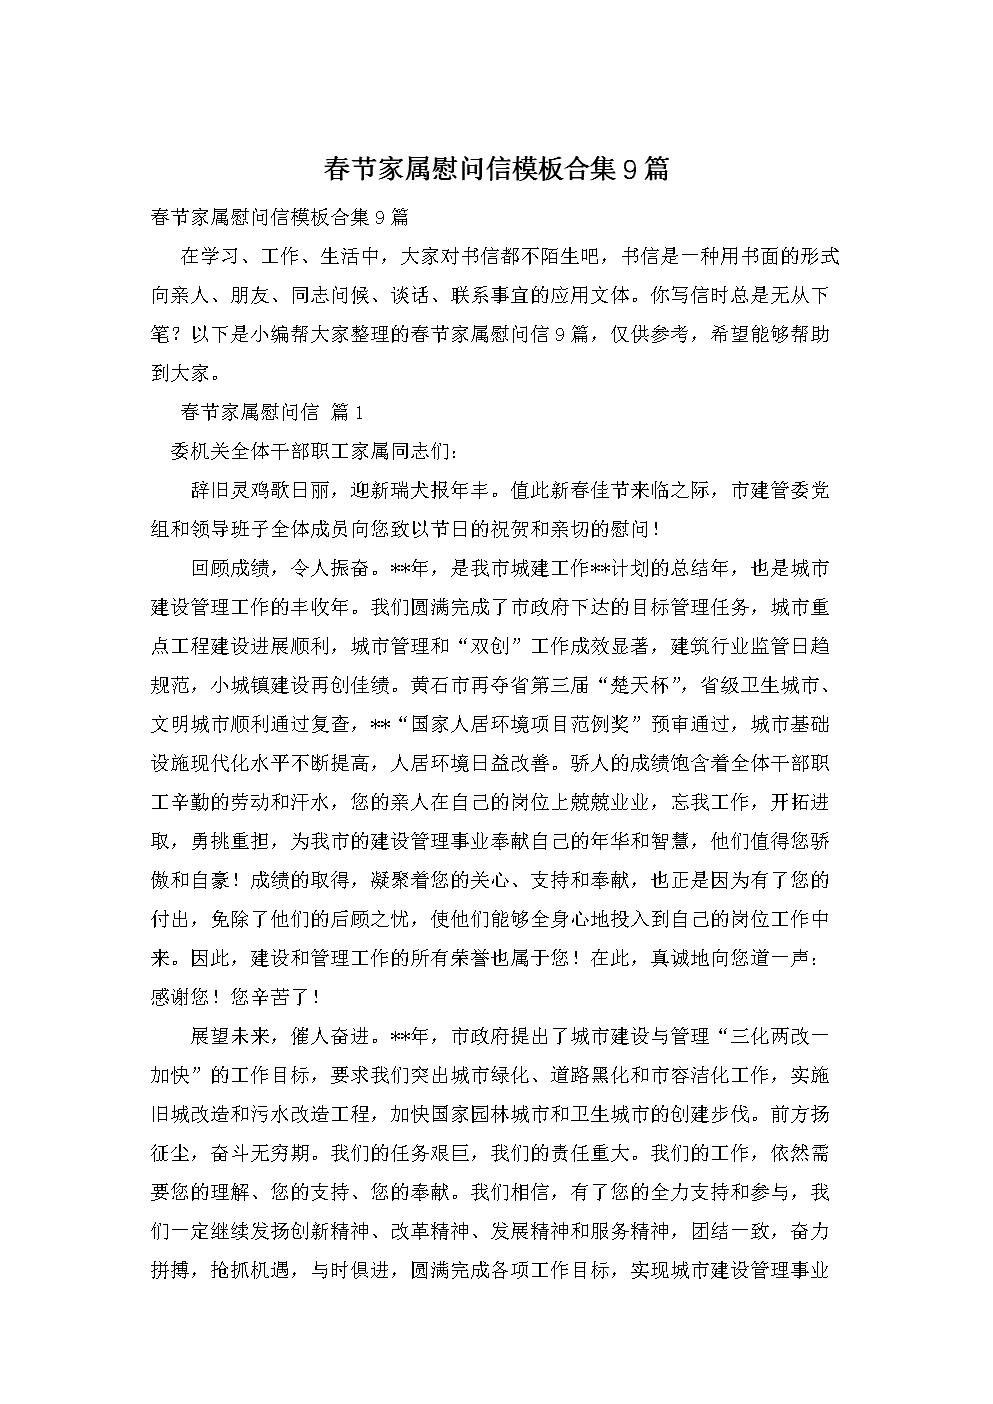 春节家属慰问信模板合集9篇.doc